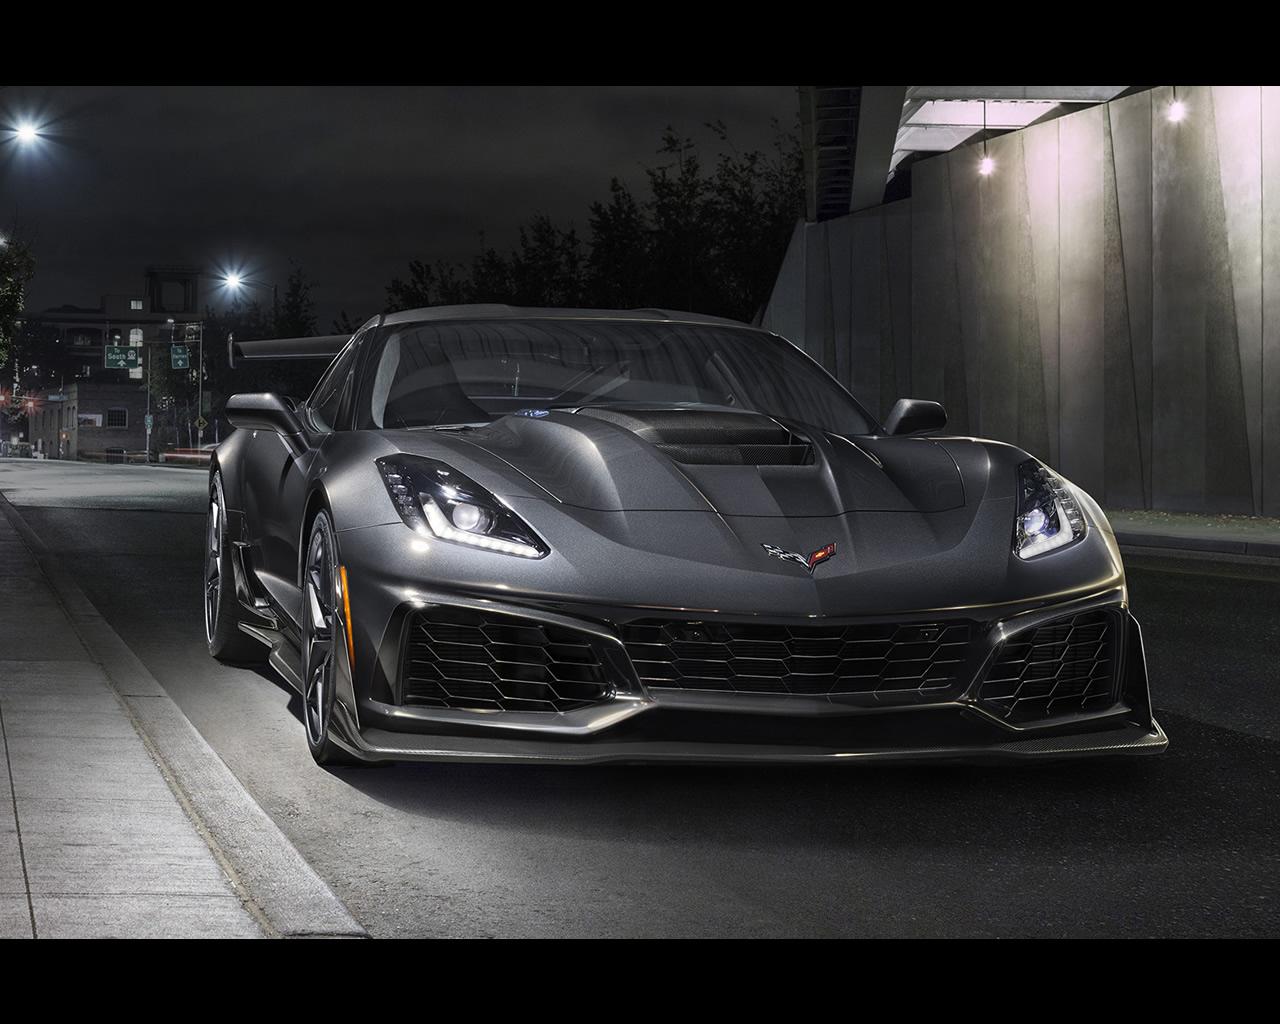 corvette c7 wallpaper